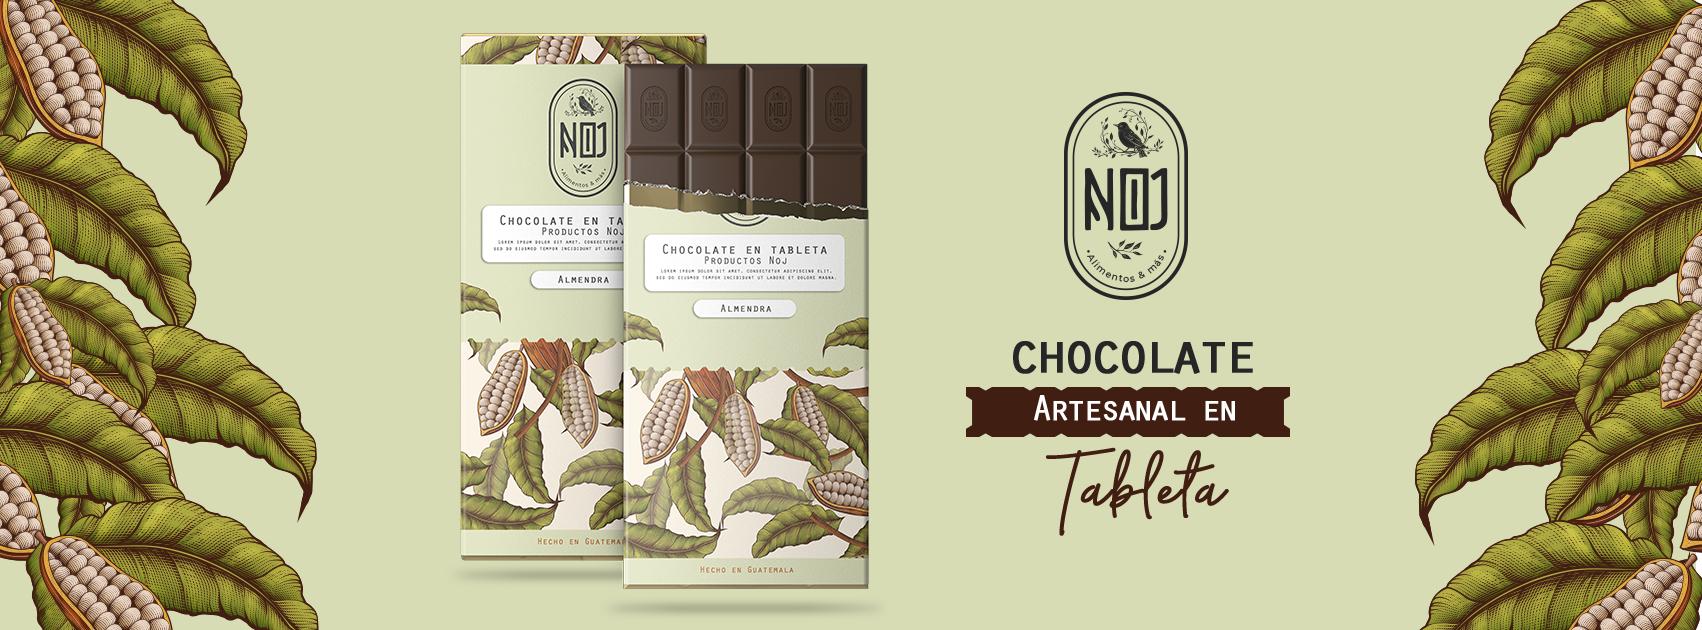 En nuestra línea de productos derivados del cacao encontrarás chocolate para batir tabletas de chocolate de distinto porcentaje y bombones de chocolate.